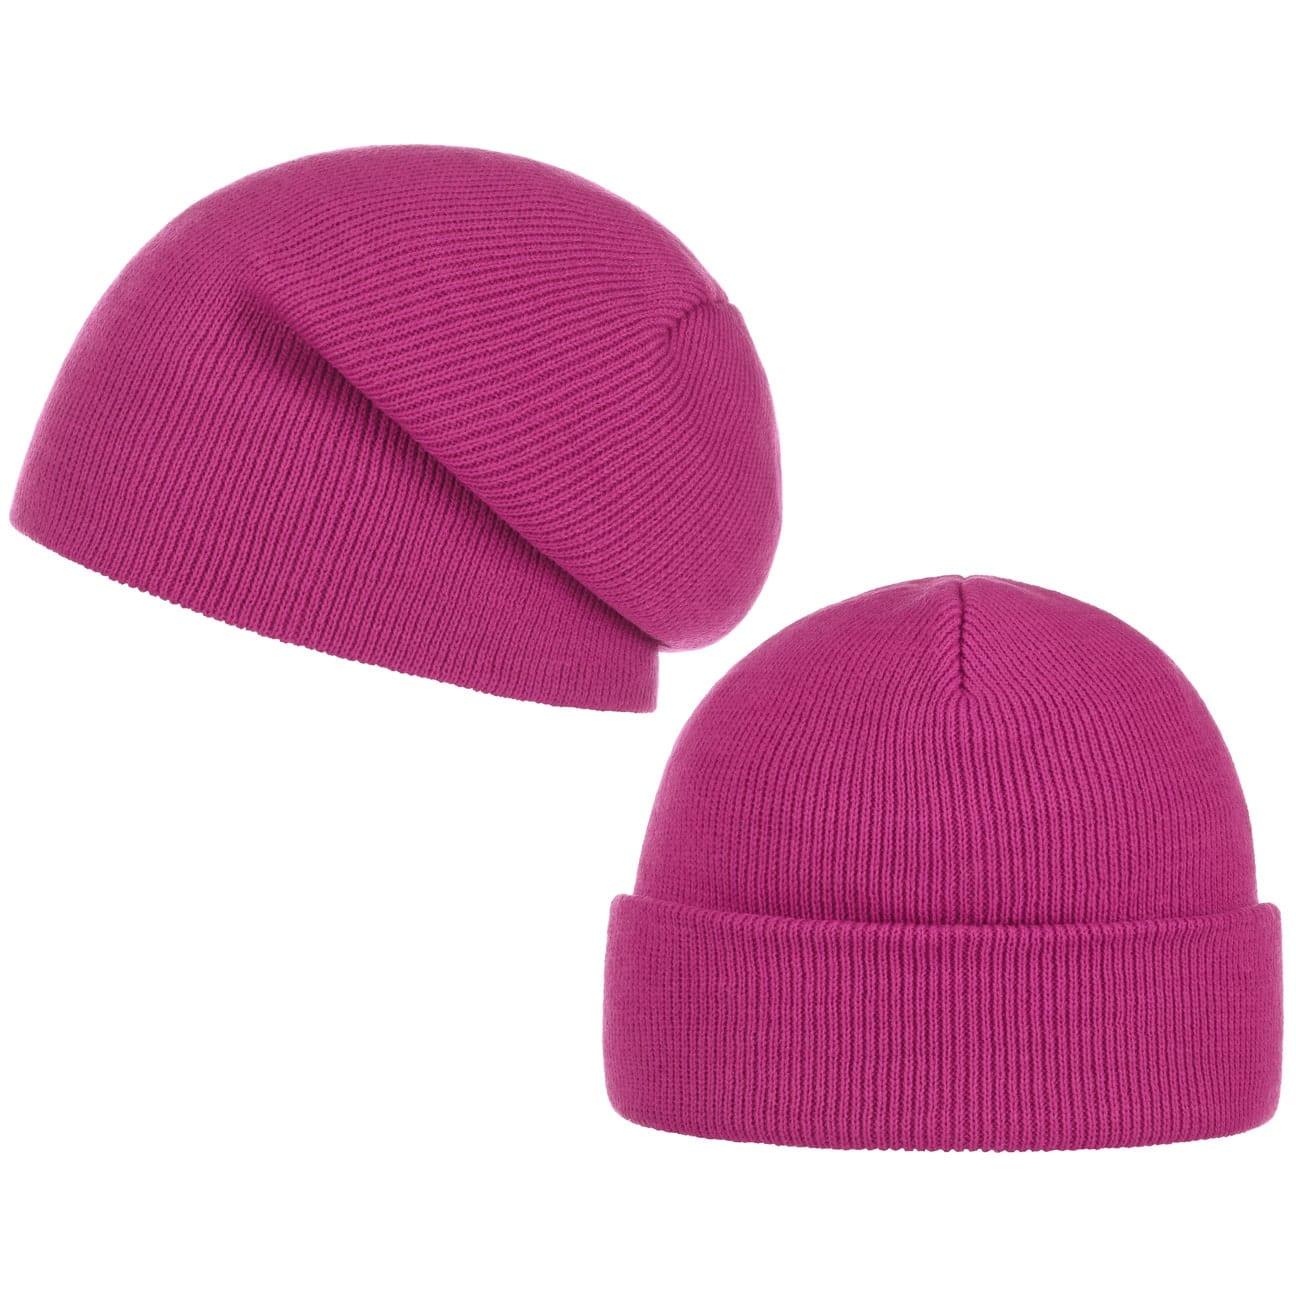 Bonnet Basic Oversize Beanie  Pull-On